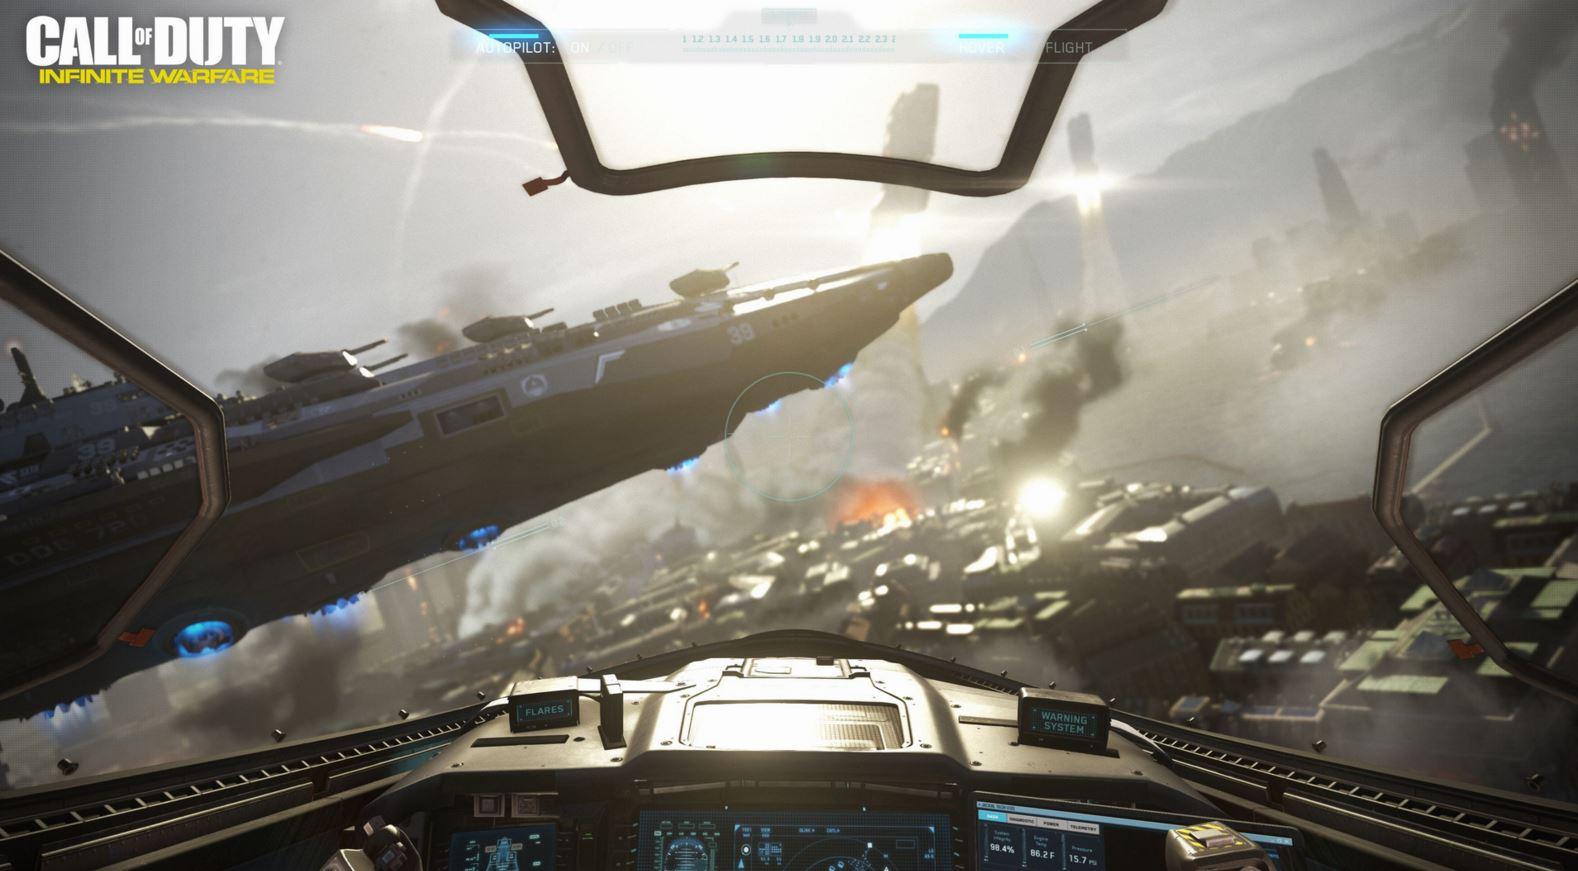 Activision réagit face à la horde de mécontents pour Call of Duty Infinite Warfare